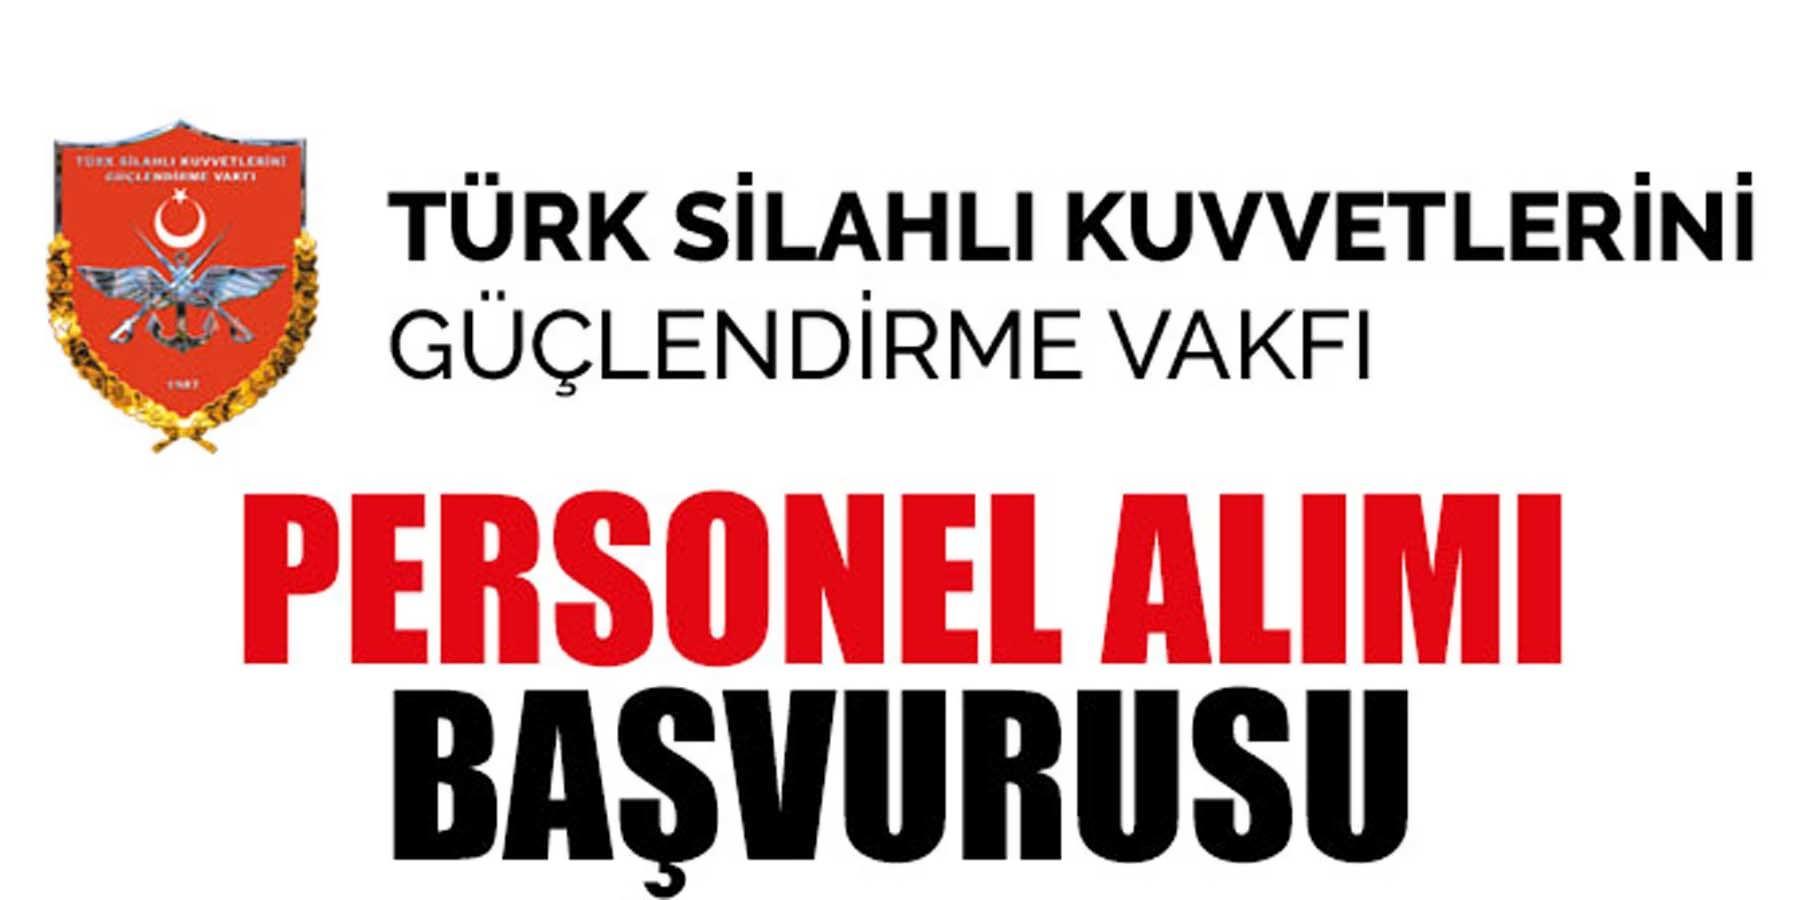 Türk Silahlı Kuvvetlerini Güçlendirme Vakfı Personel Başvurusu